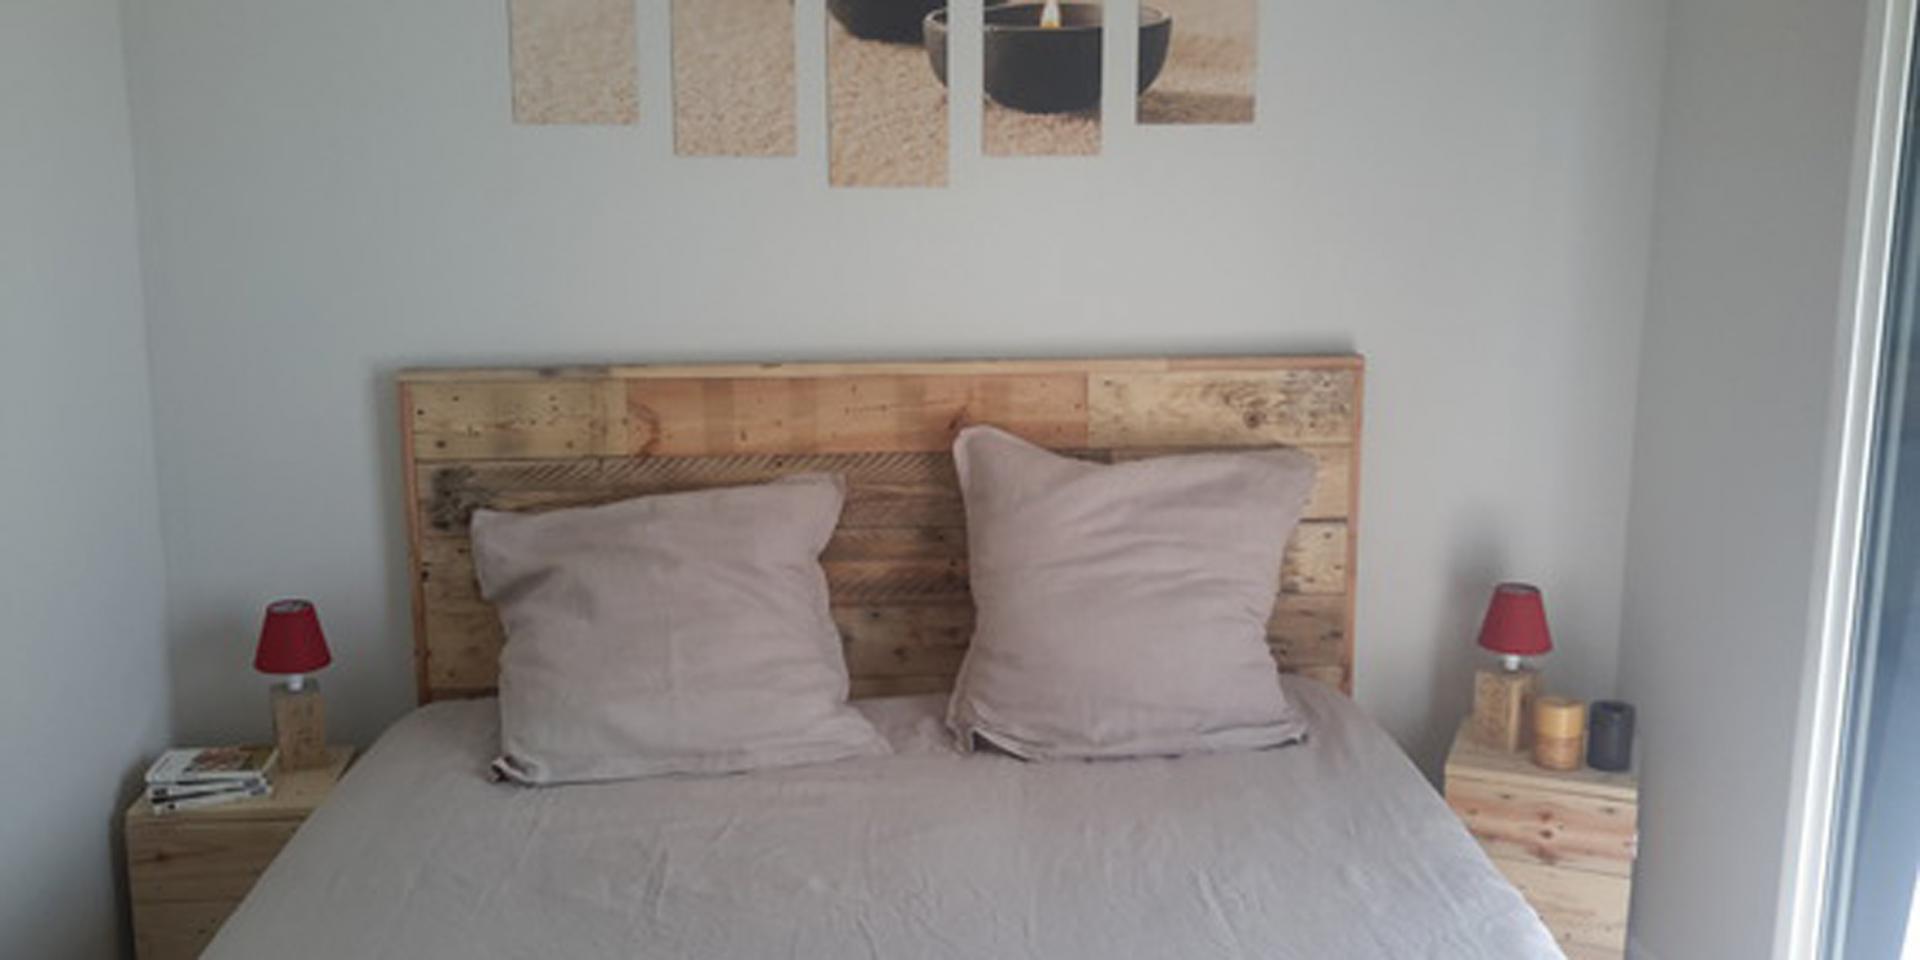 Meubles et rangements tete de lit en bois 18331679 20160604 123808 jpg fab11 570x0